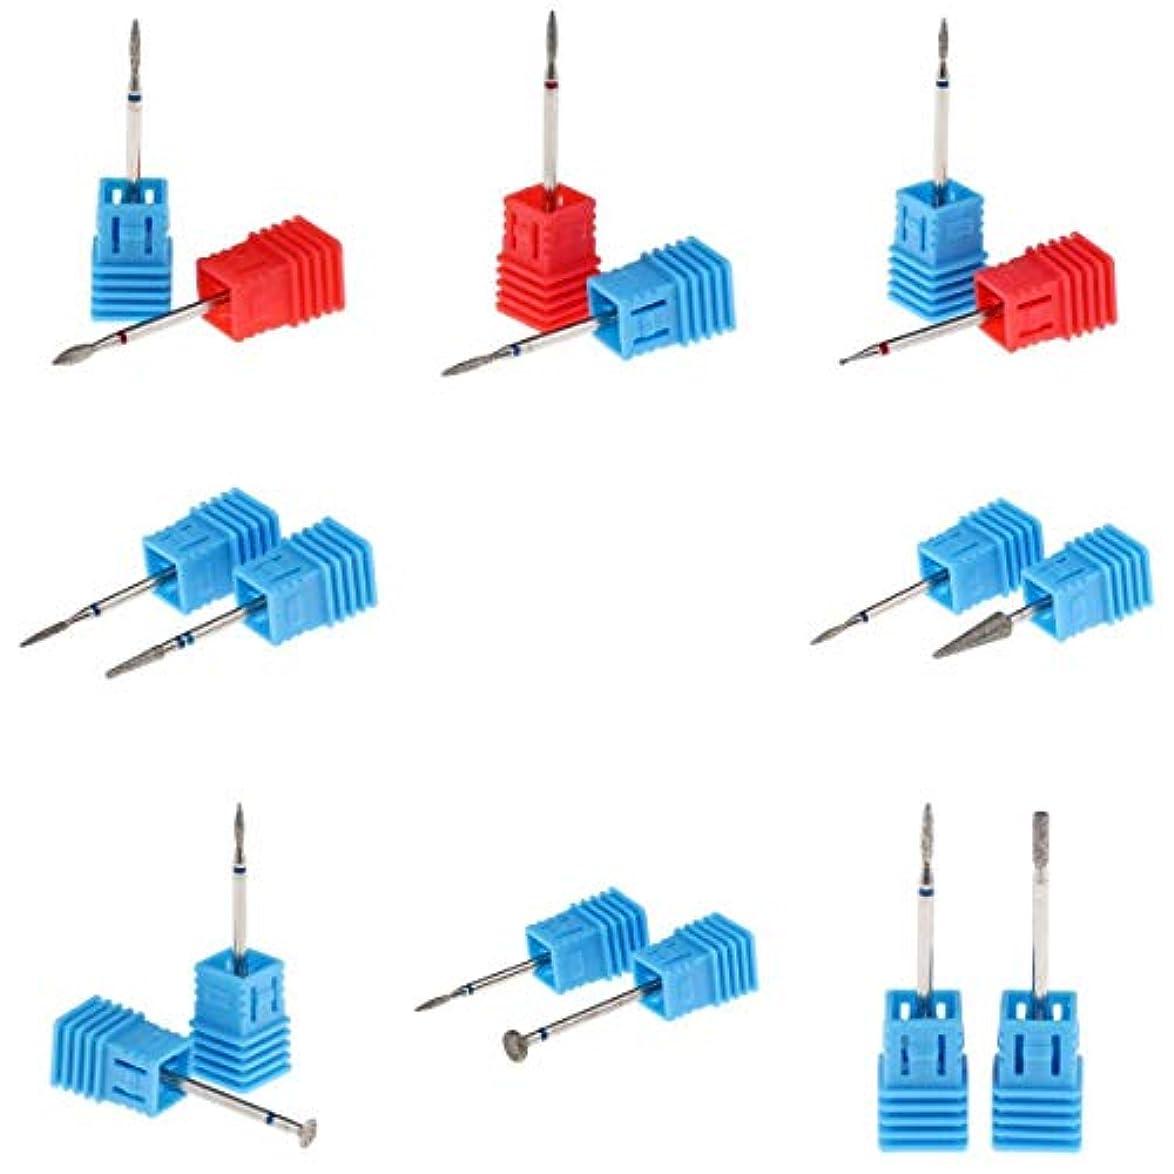 やろう作り困惑するT TOOYFUL 電気ネイルドリルビット ネイルバレルヘッド 耐熱性 耐酸性 16個